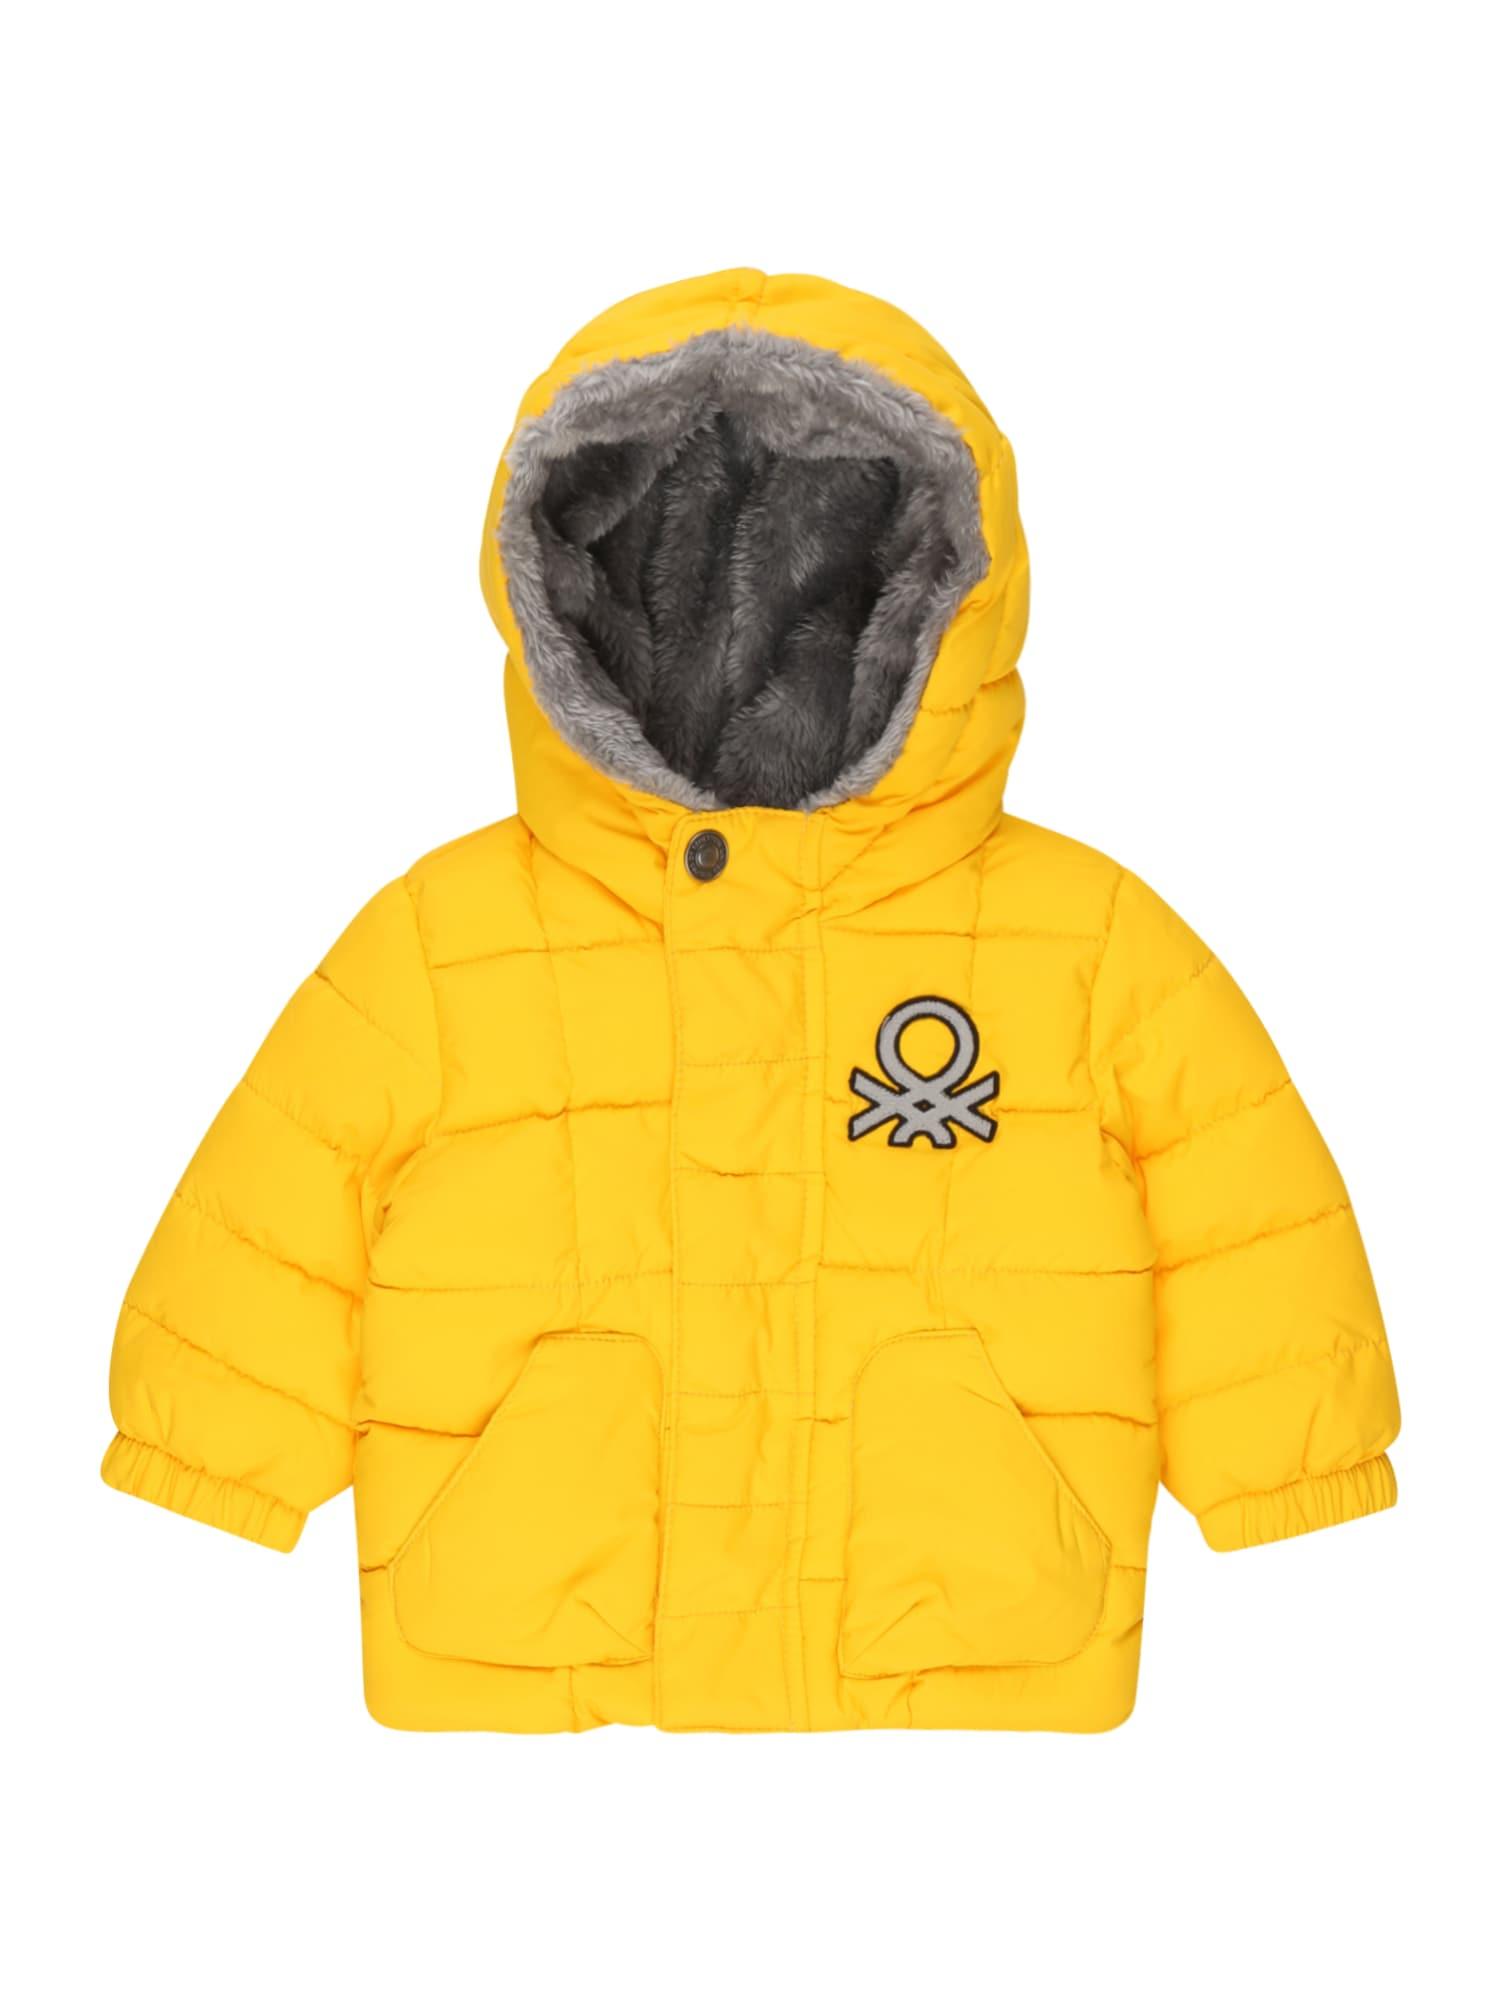 UNITED COLORS OF BENETTON Žieminė striukė neoninė geltona / pilka / juoda